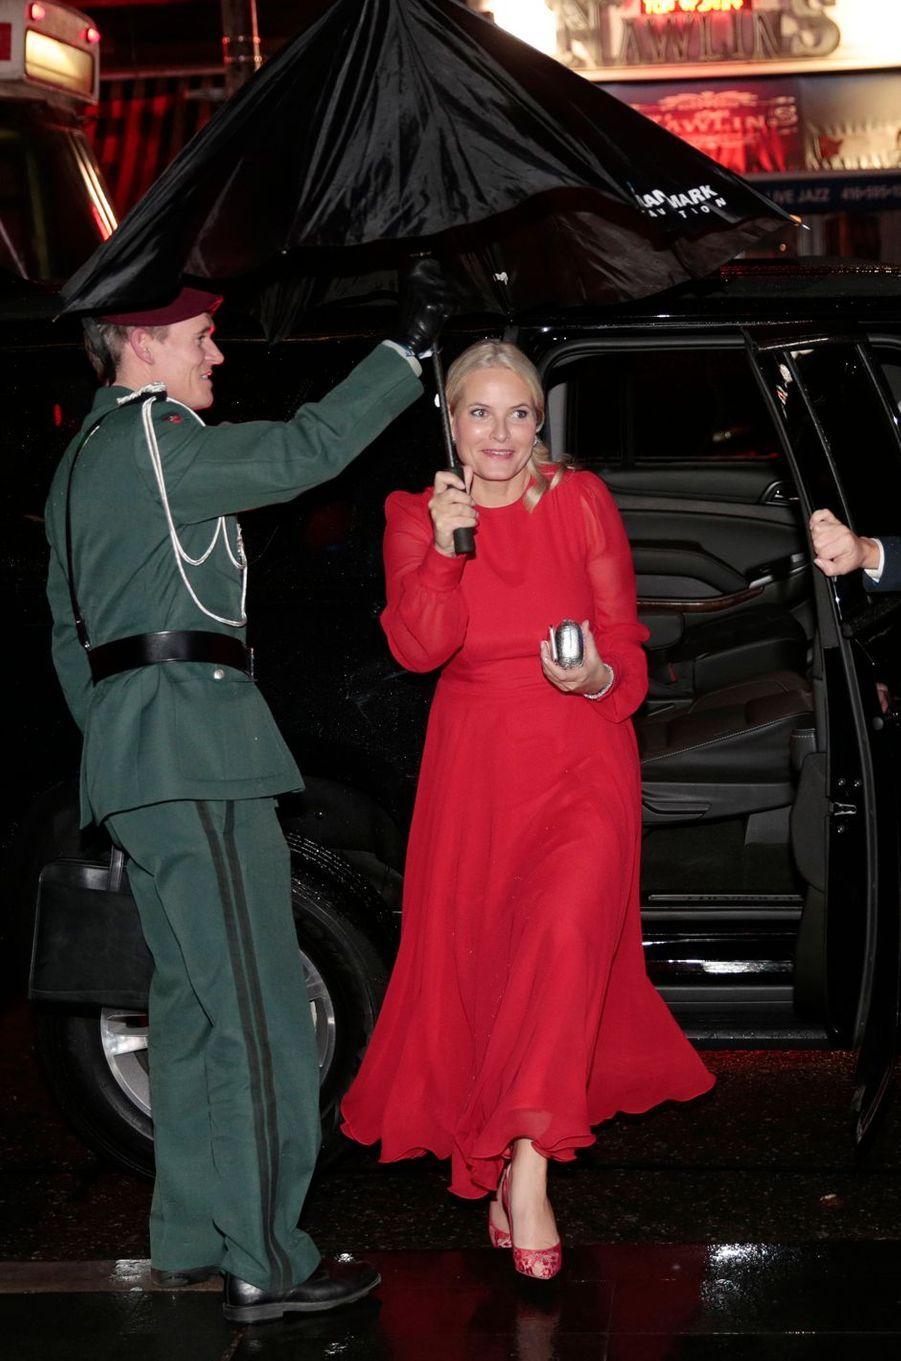 La princesse Mette-Marit de Norvège à Toronto, le 9 novembre 2016